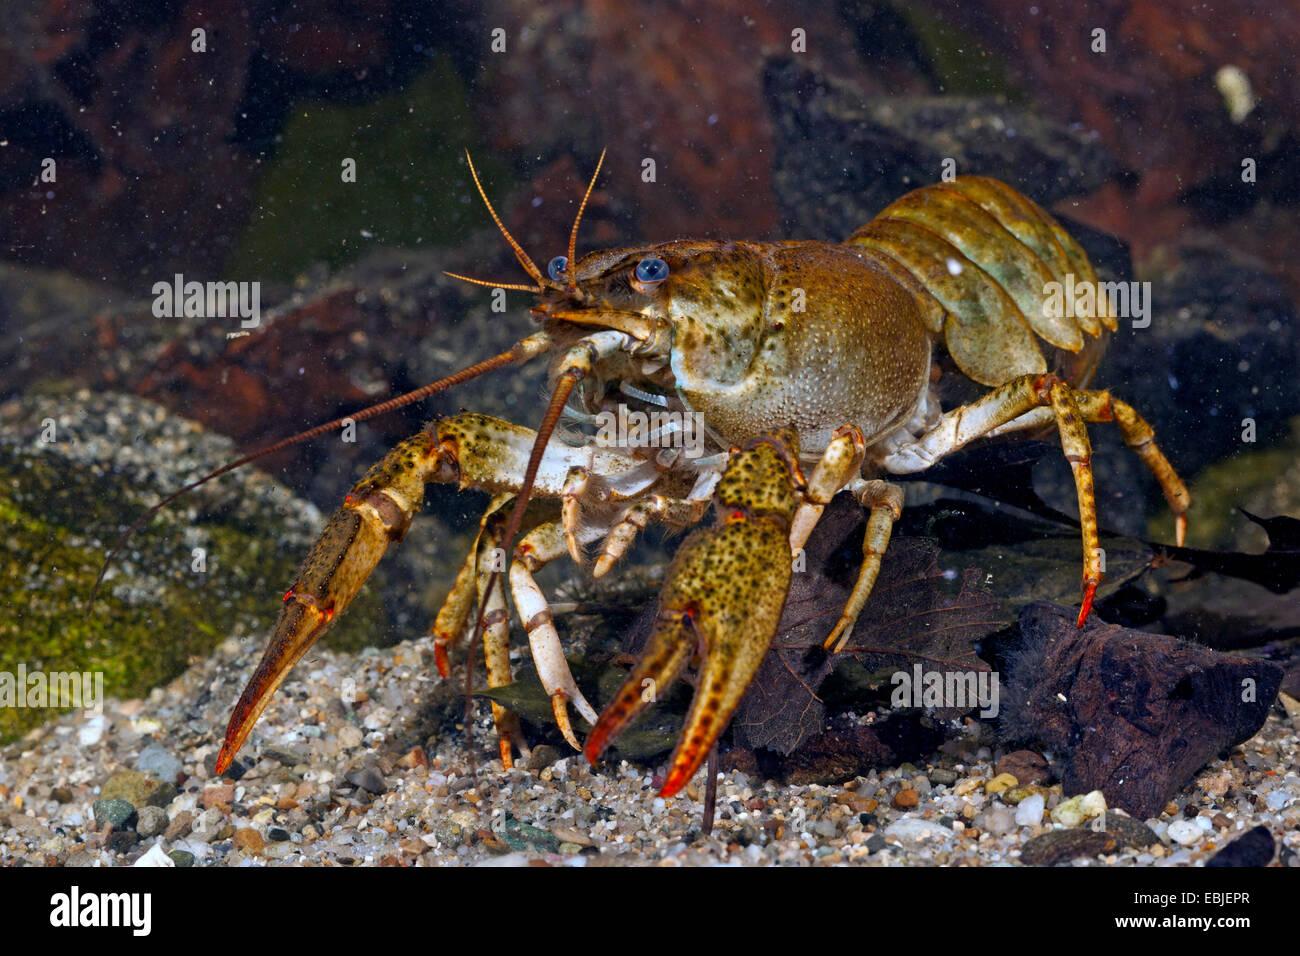 long-clawed crayfish (Astacus leptodactylus), female on the ground - Stock Image